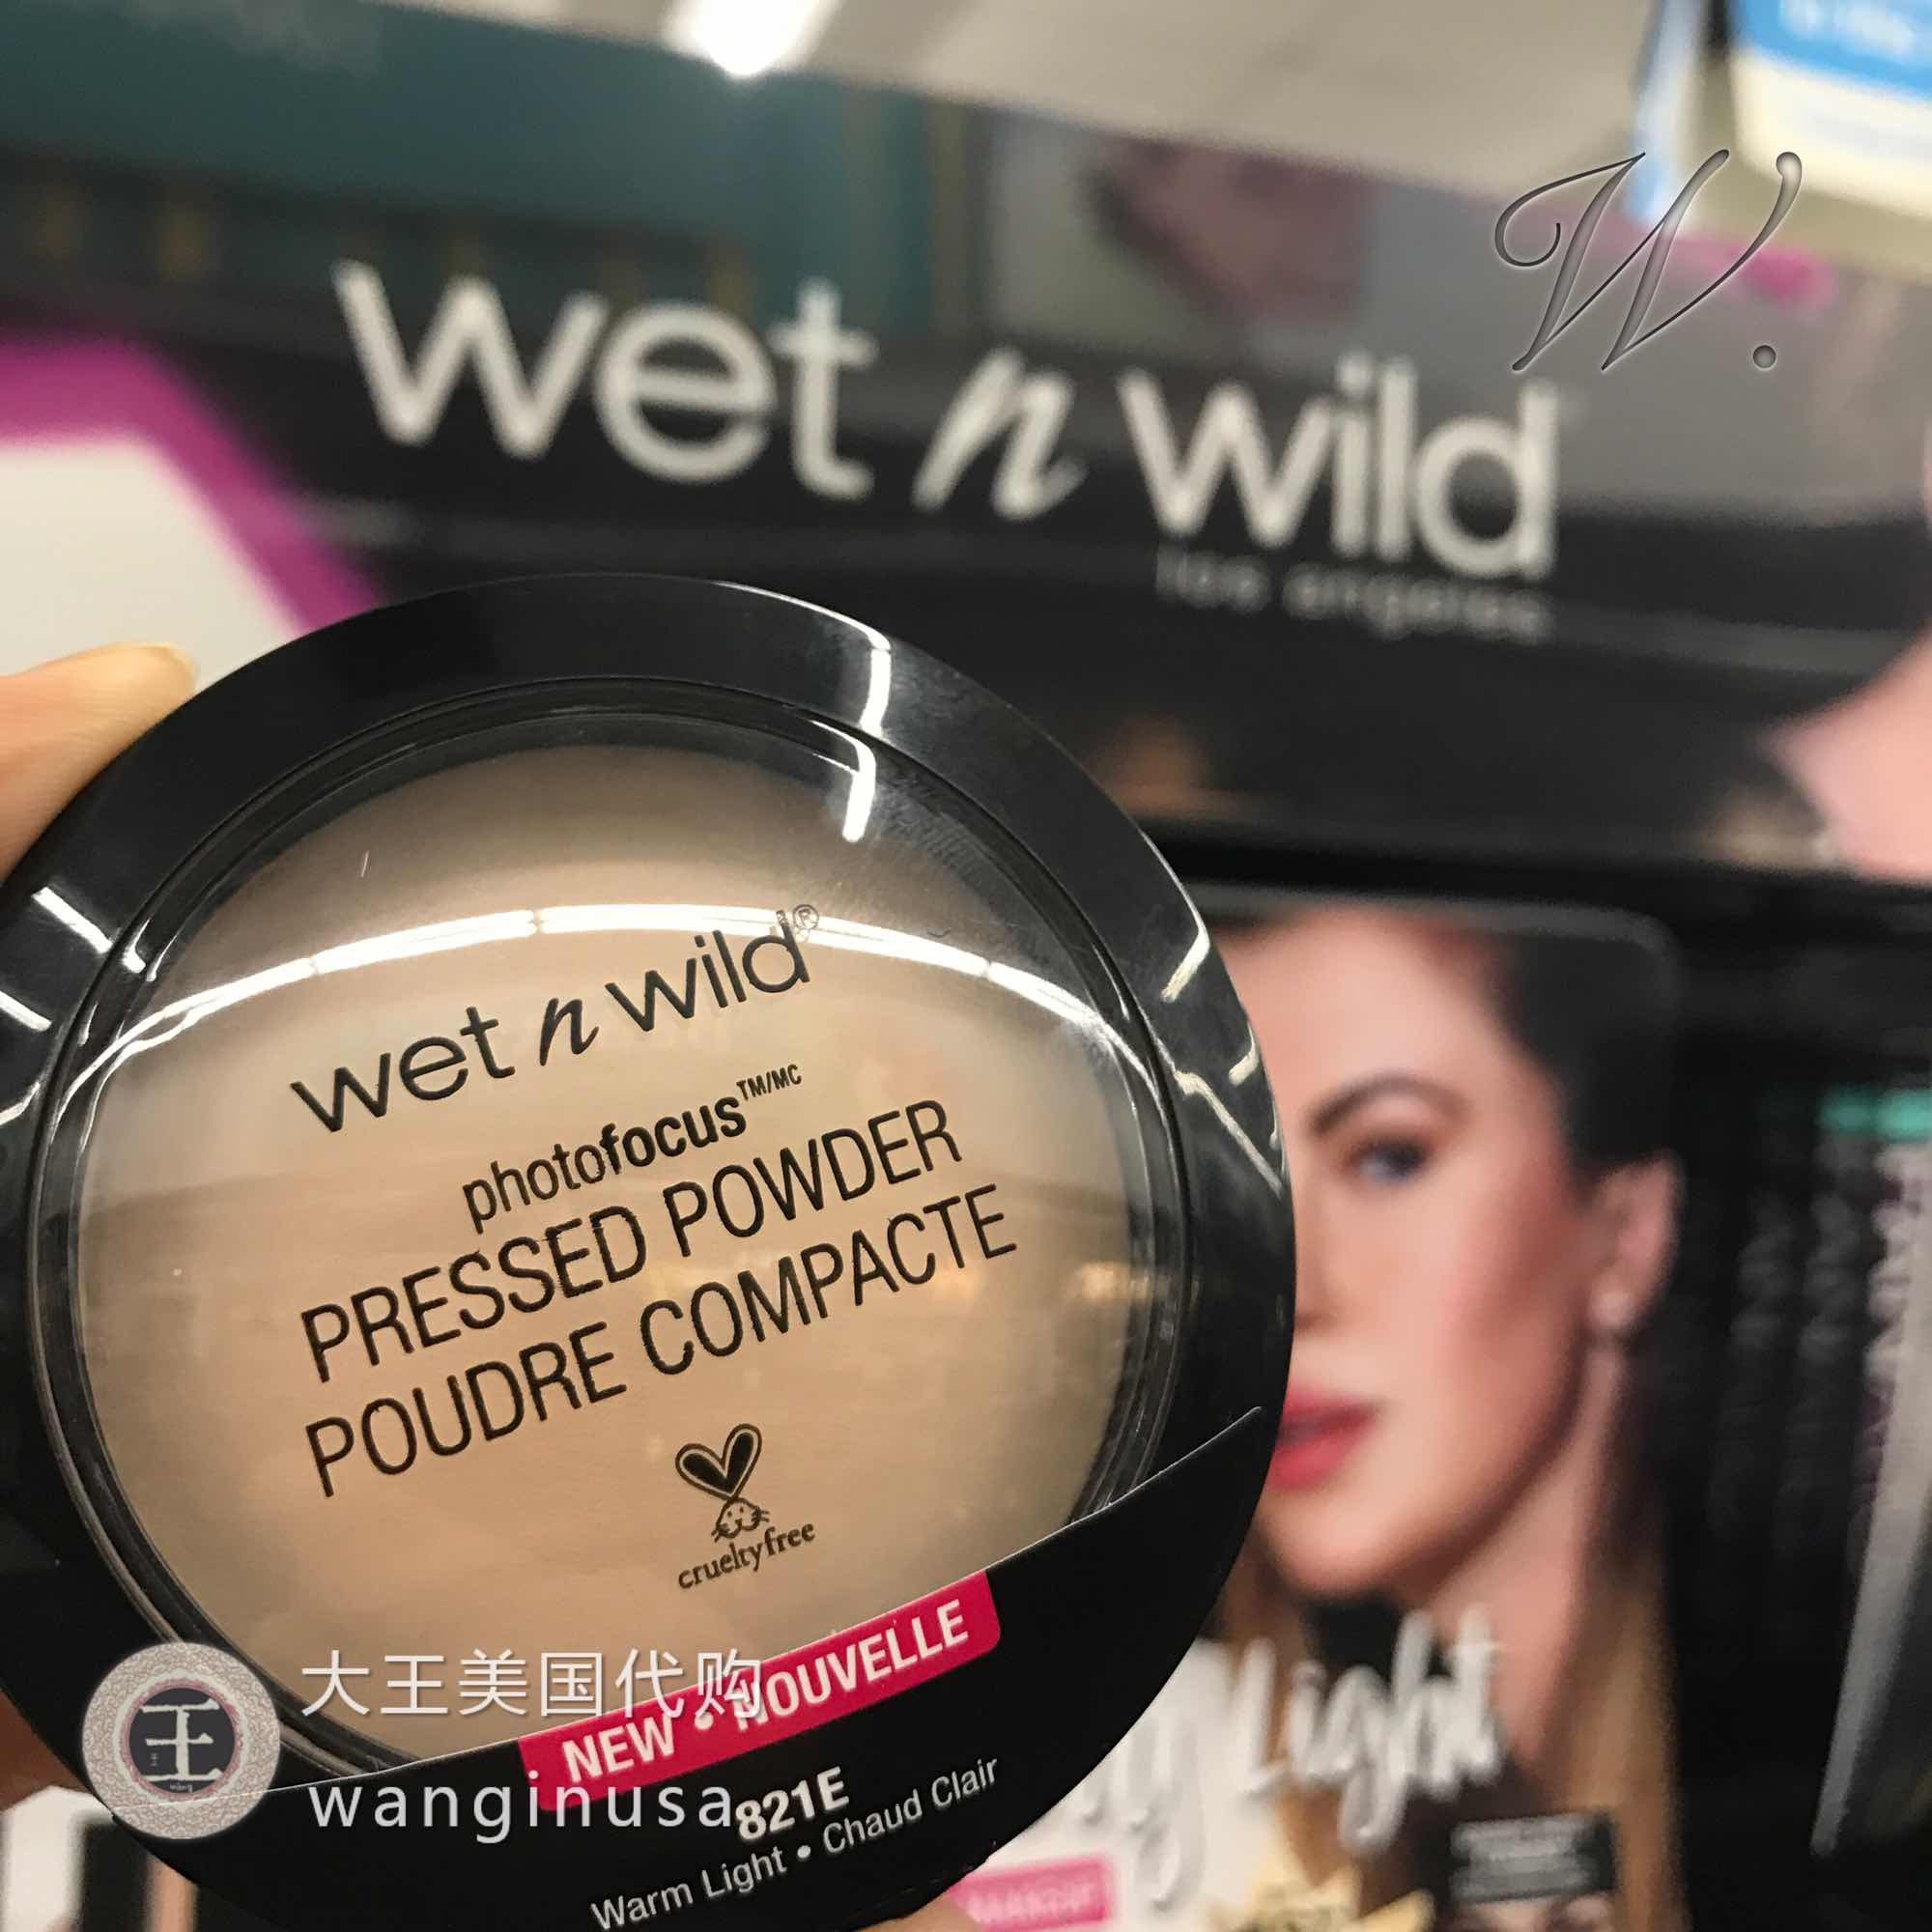 【大王】美国代购catie/K妹推荐wet n wild PhotoFocus定妆蜜粉饼